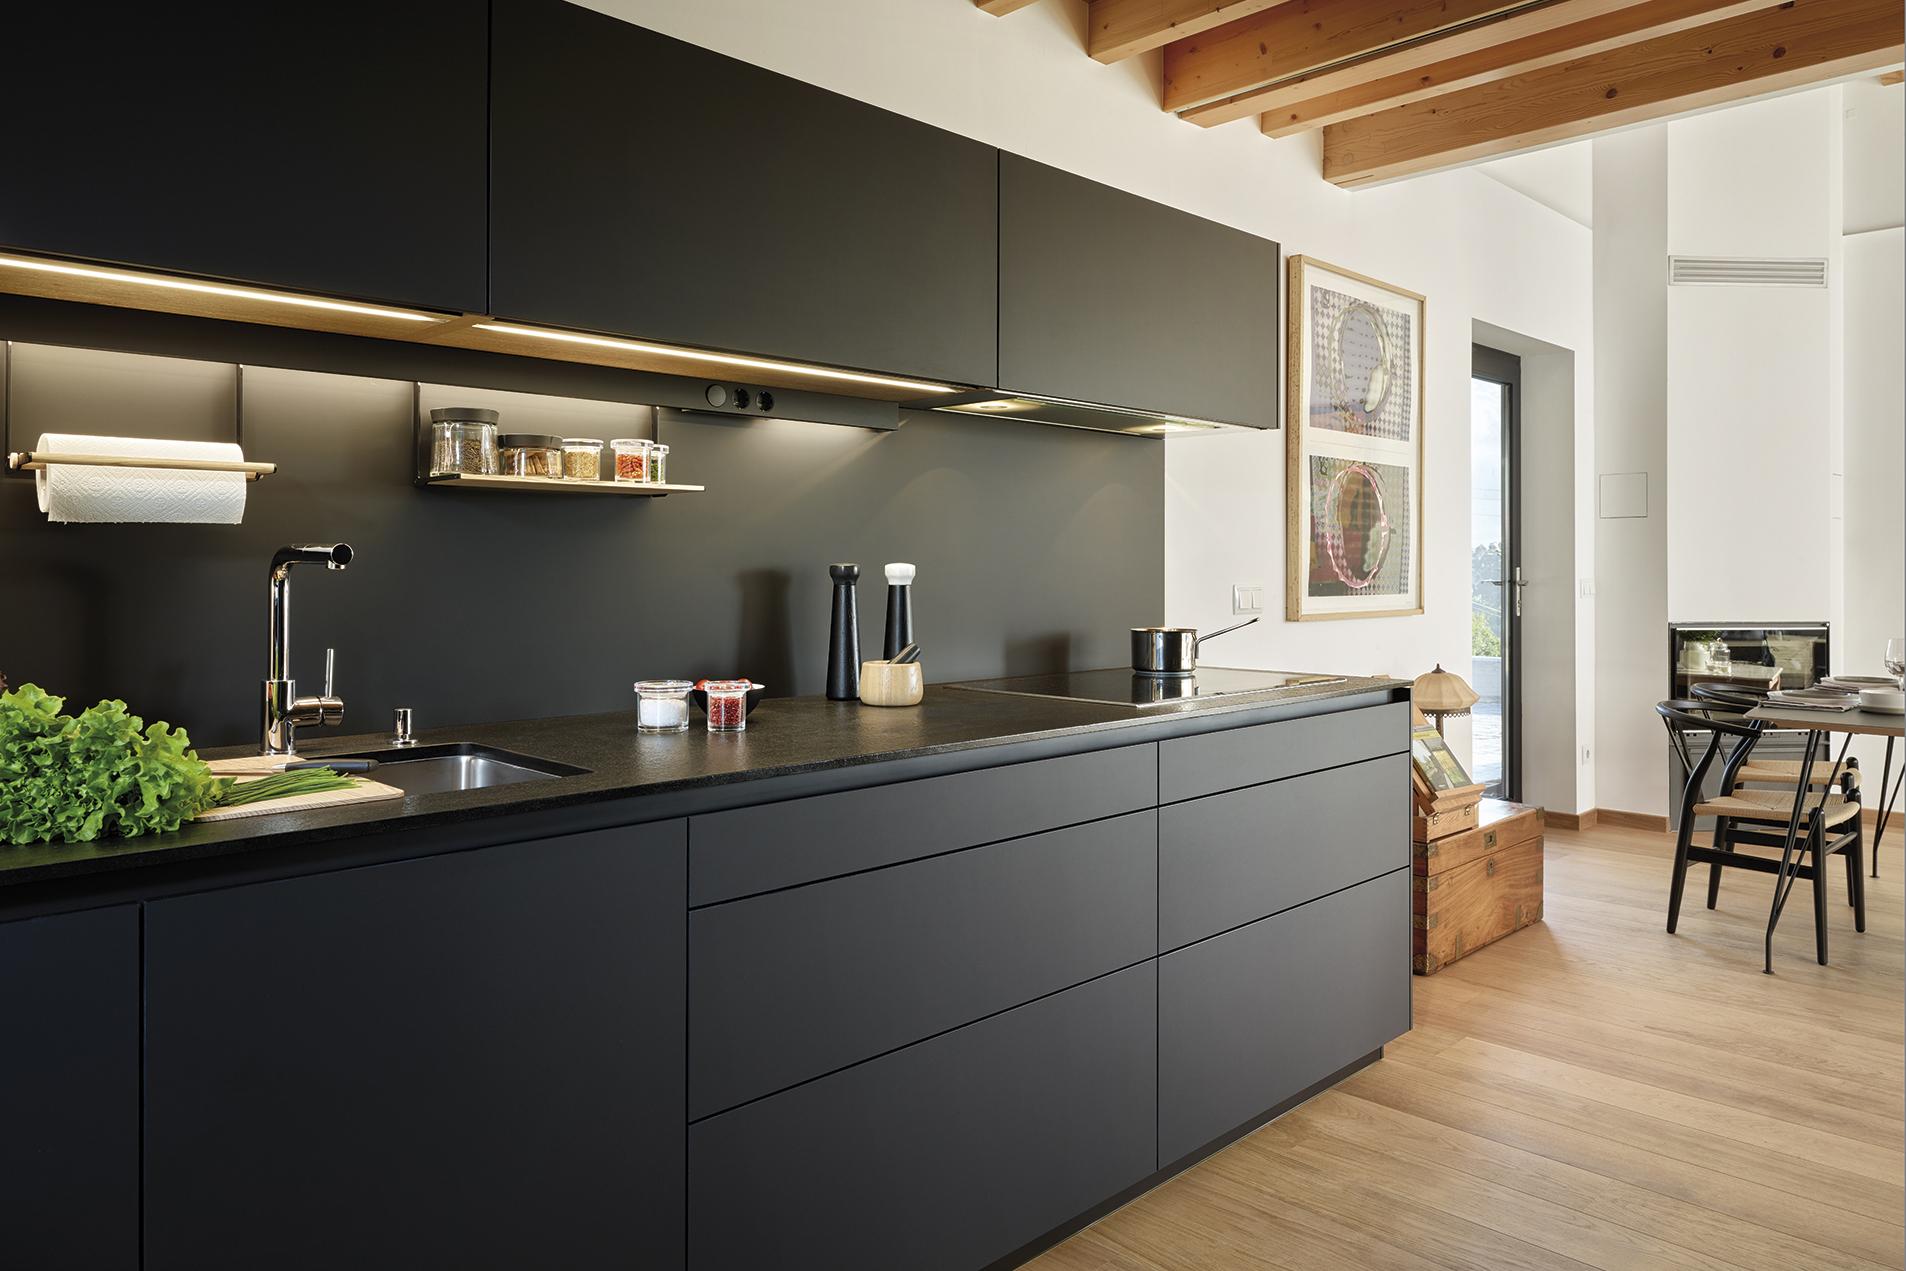 Encimeras de cocina c mo elegir la m s adecuada cocinas for Encimeras de cocina